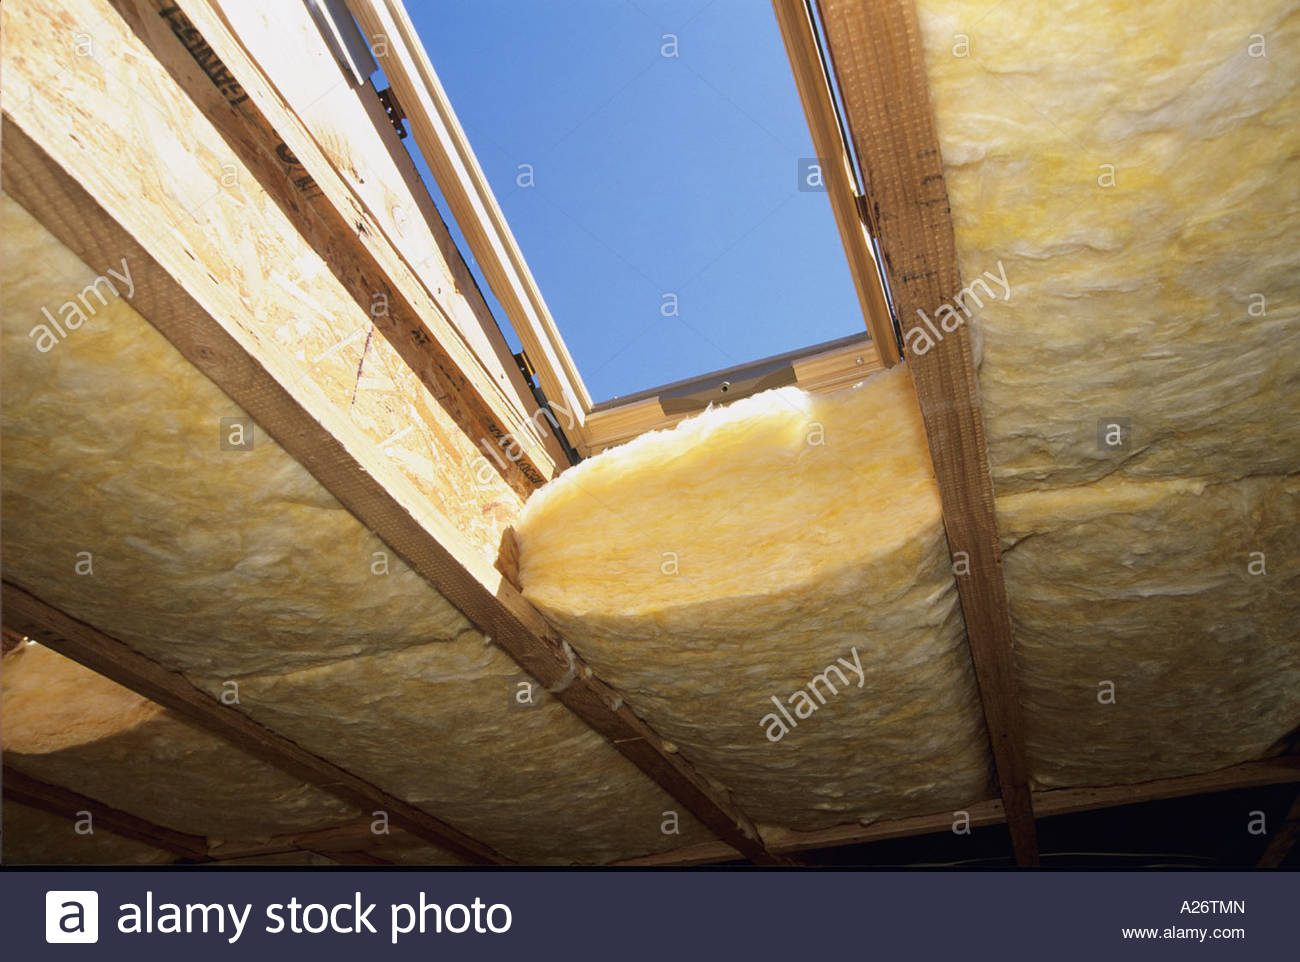 R38 Glasfaserisolierungen Installation Dach im neuen Loft-Stil Haus im Bau Stockfoto